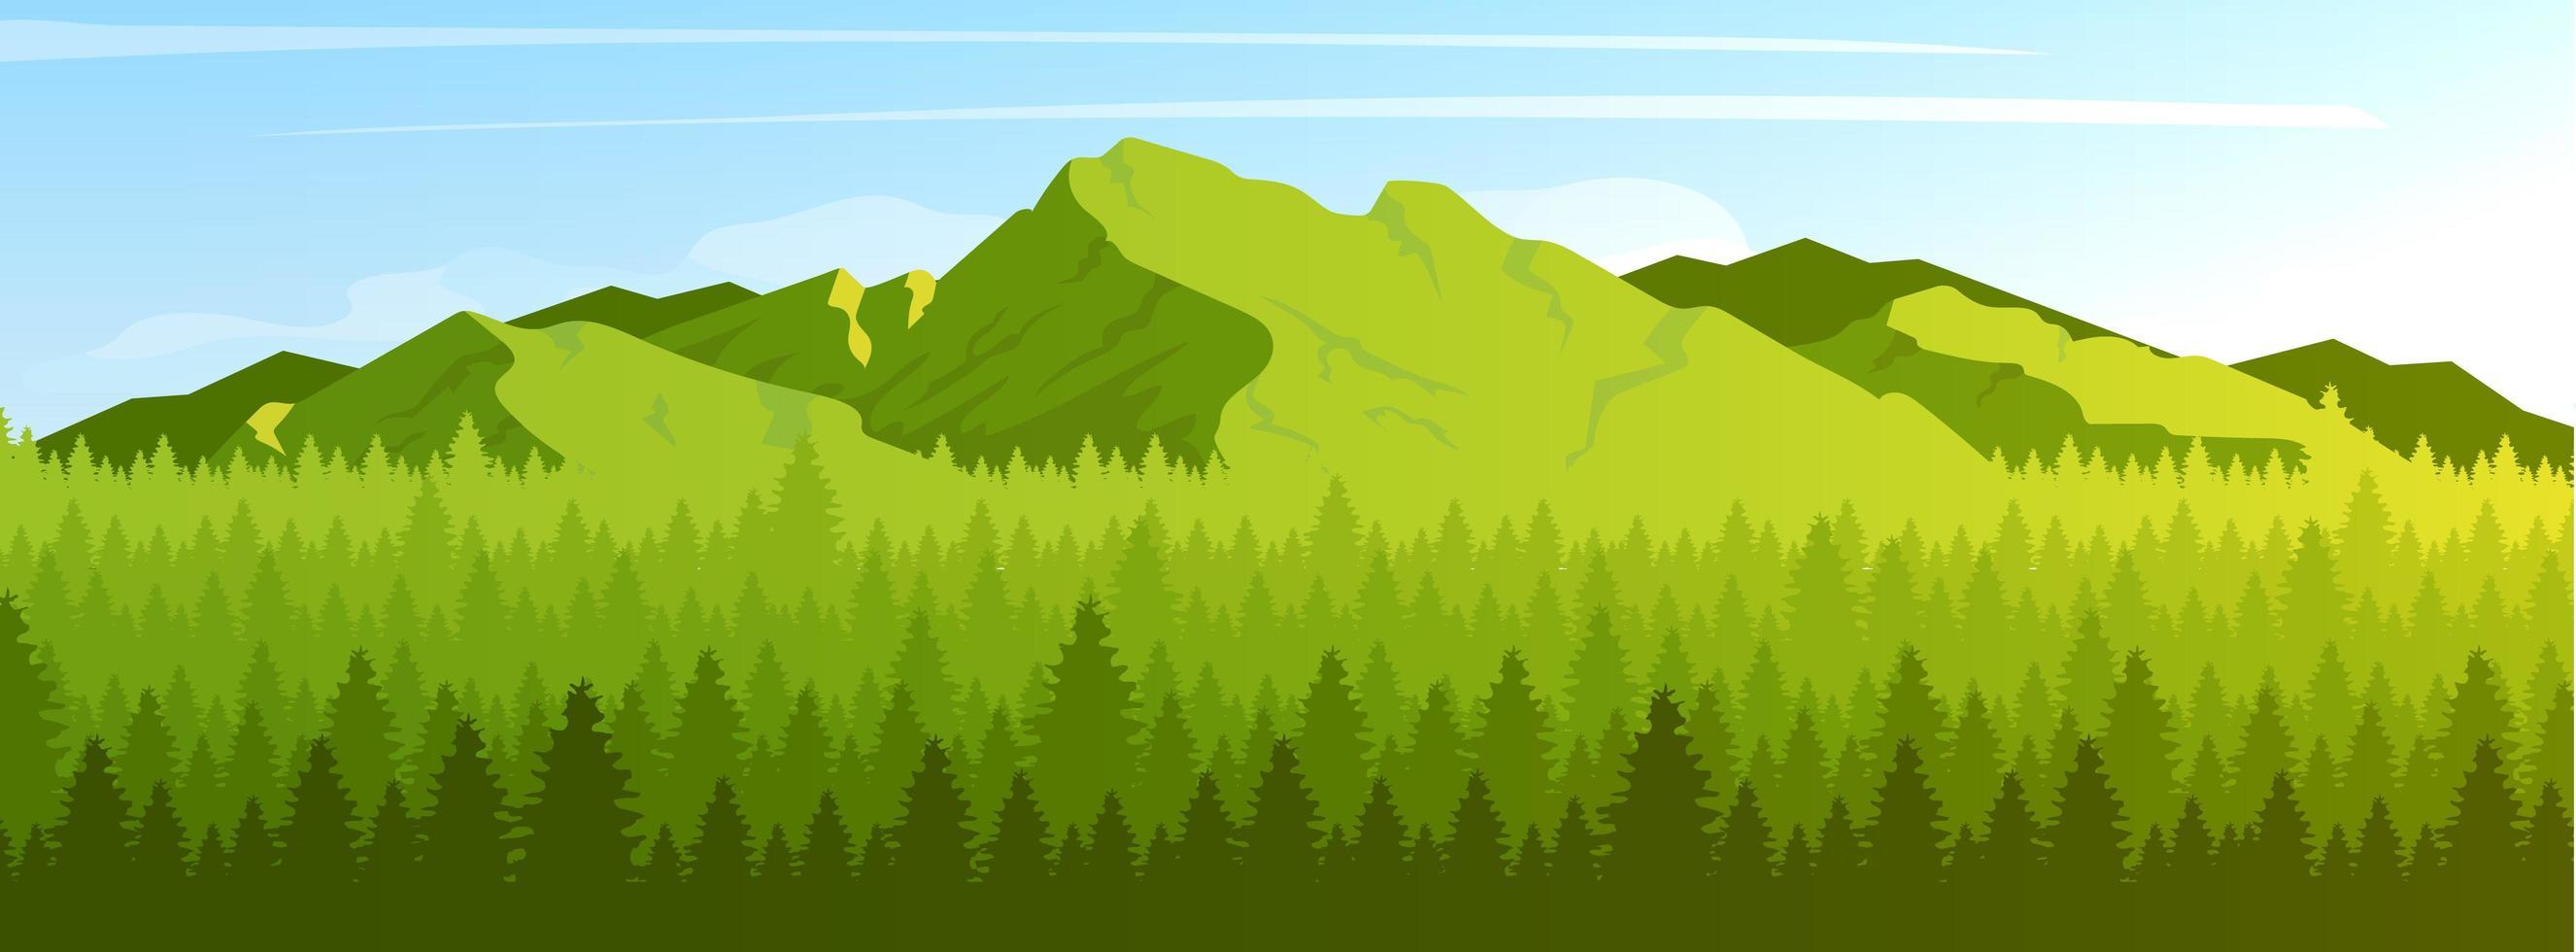 montagna e foresta di conifere vettore